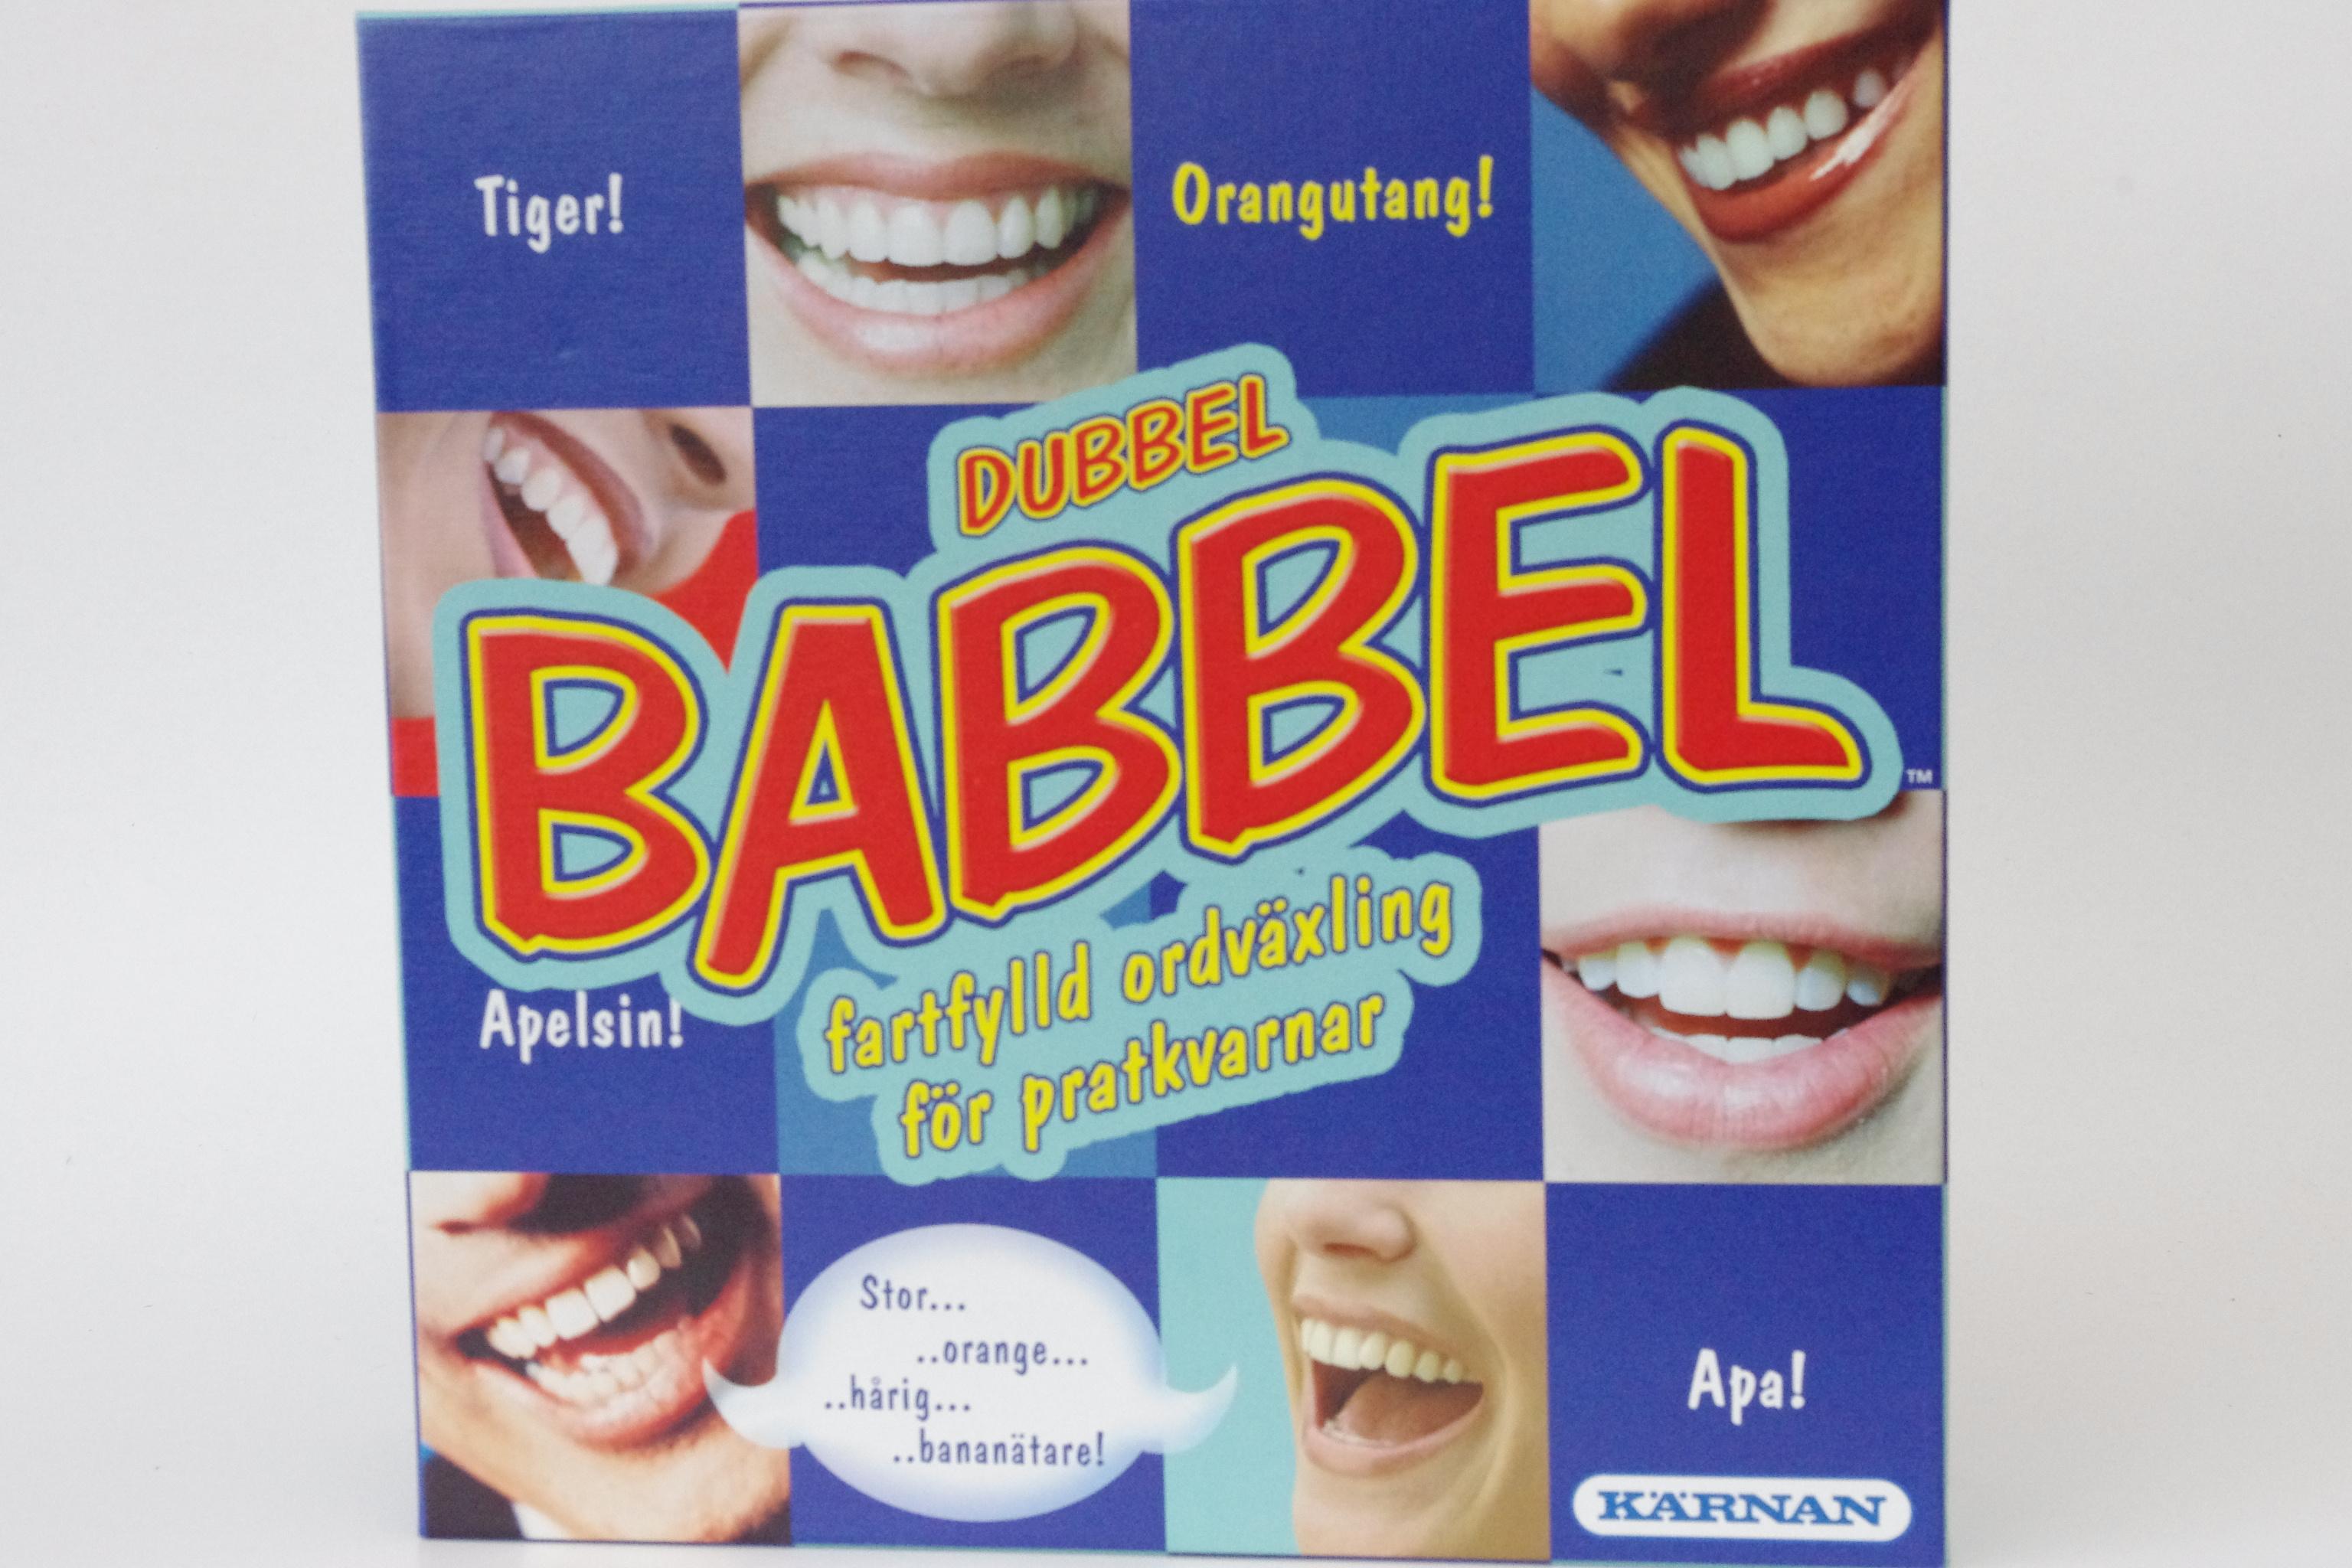 Dubbel Babbel från Kärnan. - Billiga leksaker online - LekOutlet dd93f41d119ad